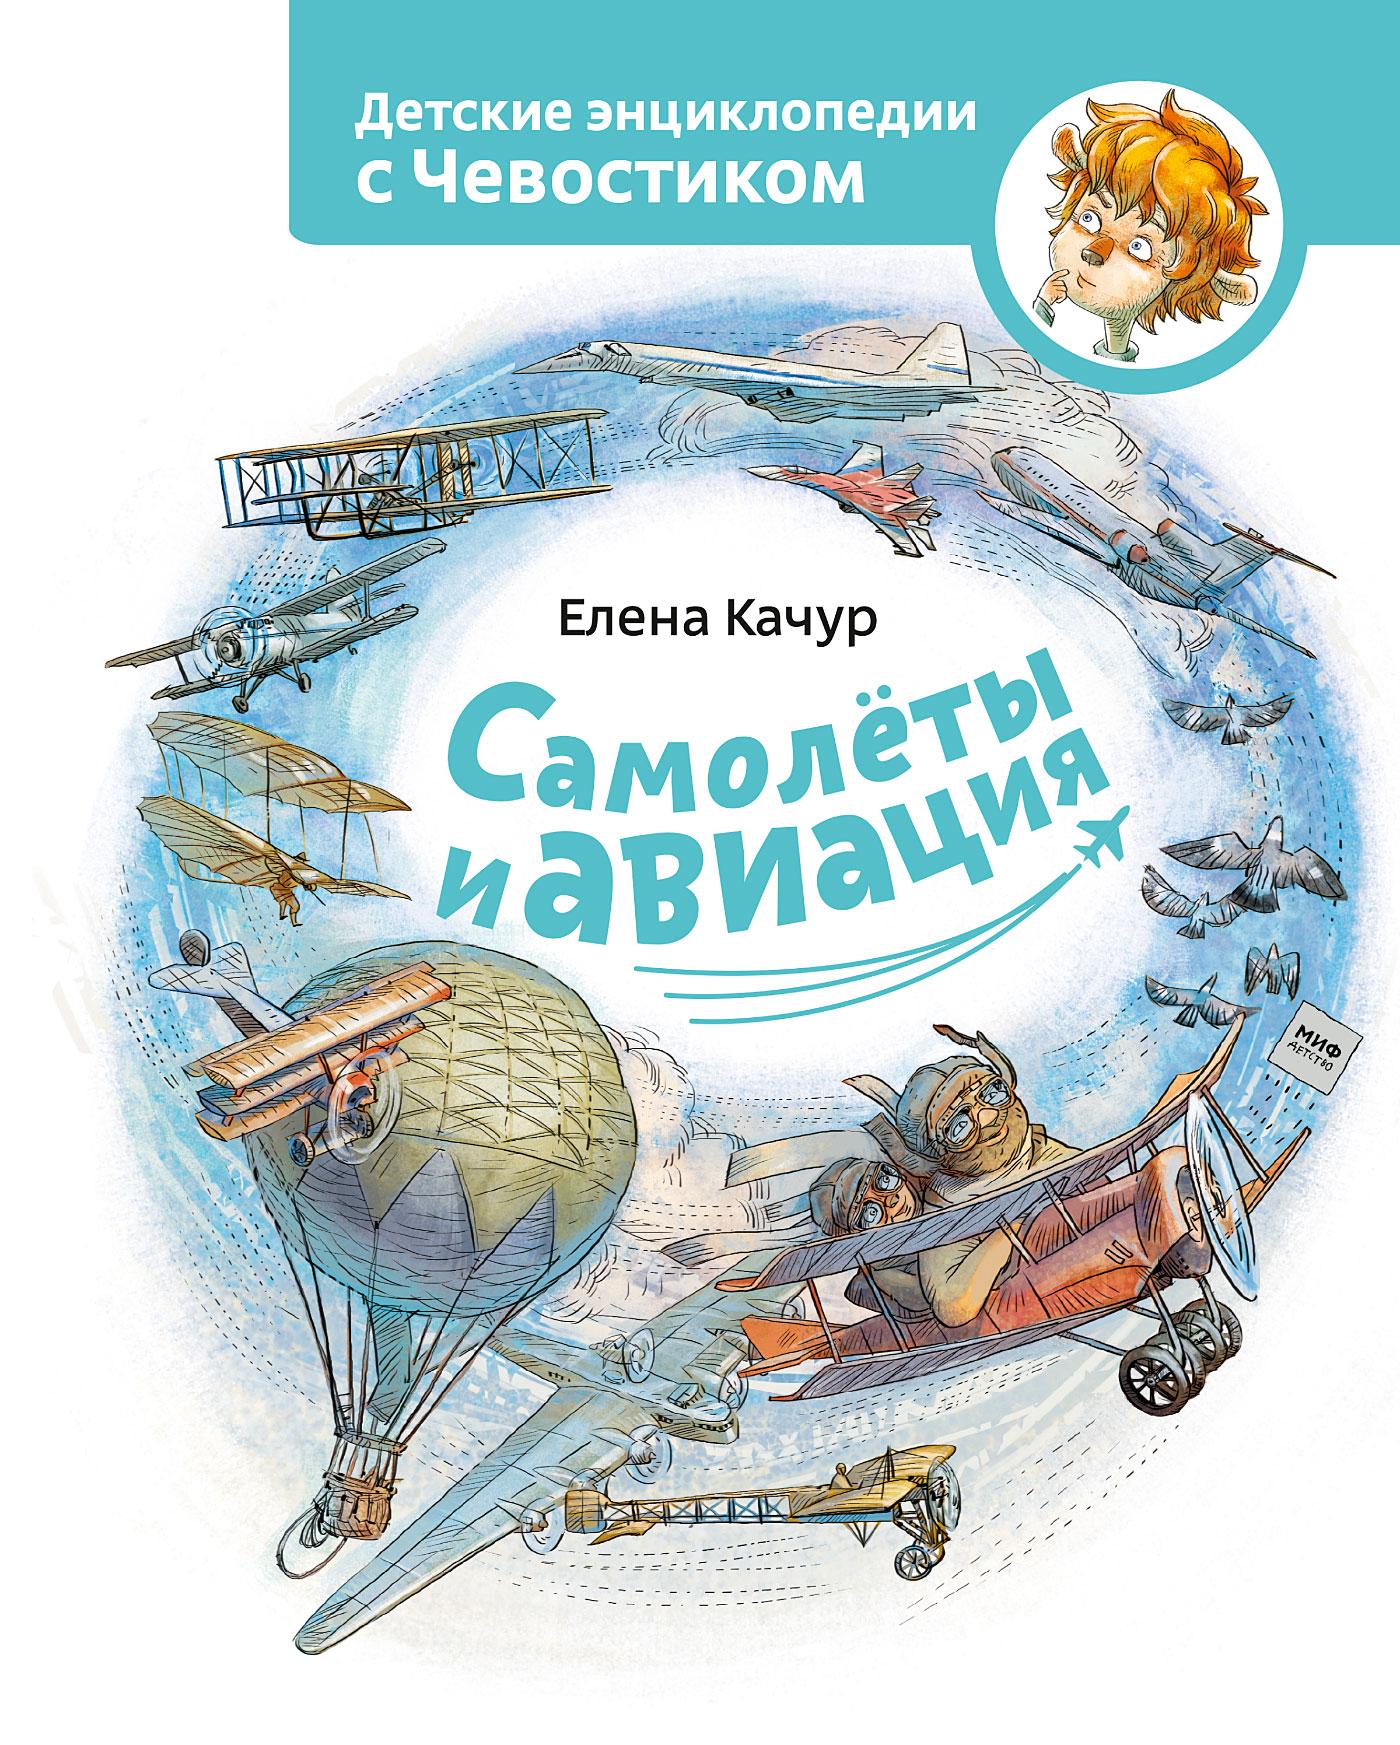 Елена Качур Самолёты и авиация елена качур как устроен человек энциклопедии с чевостиком